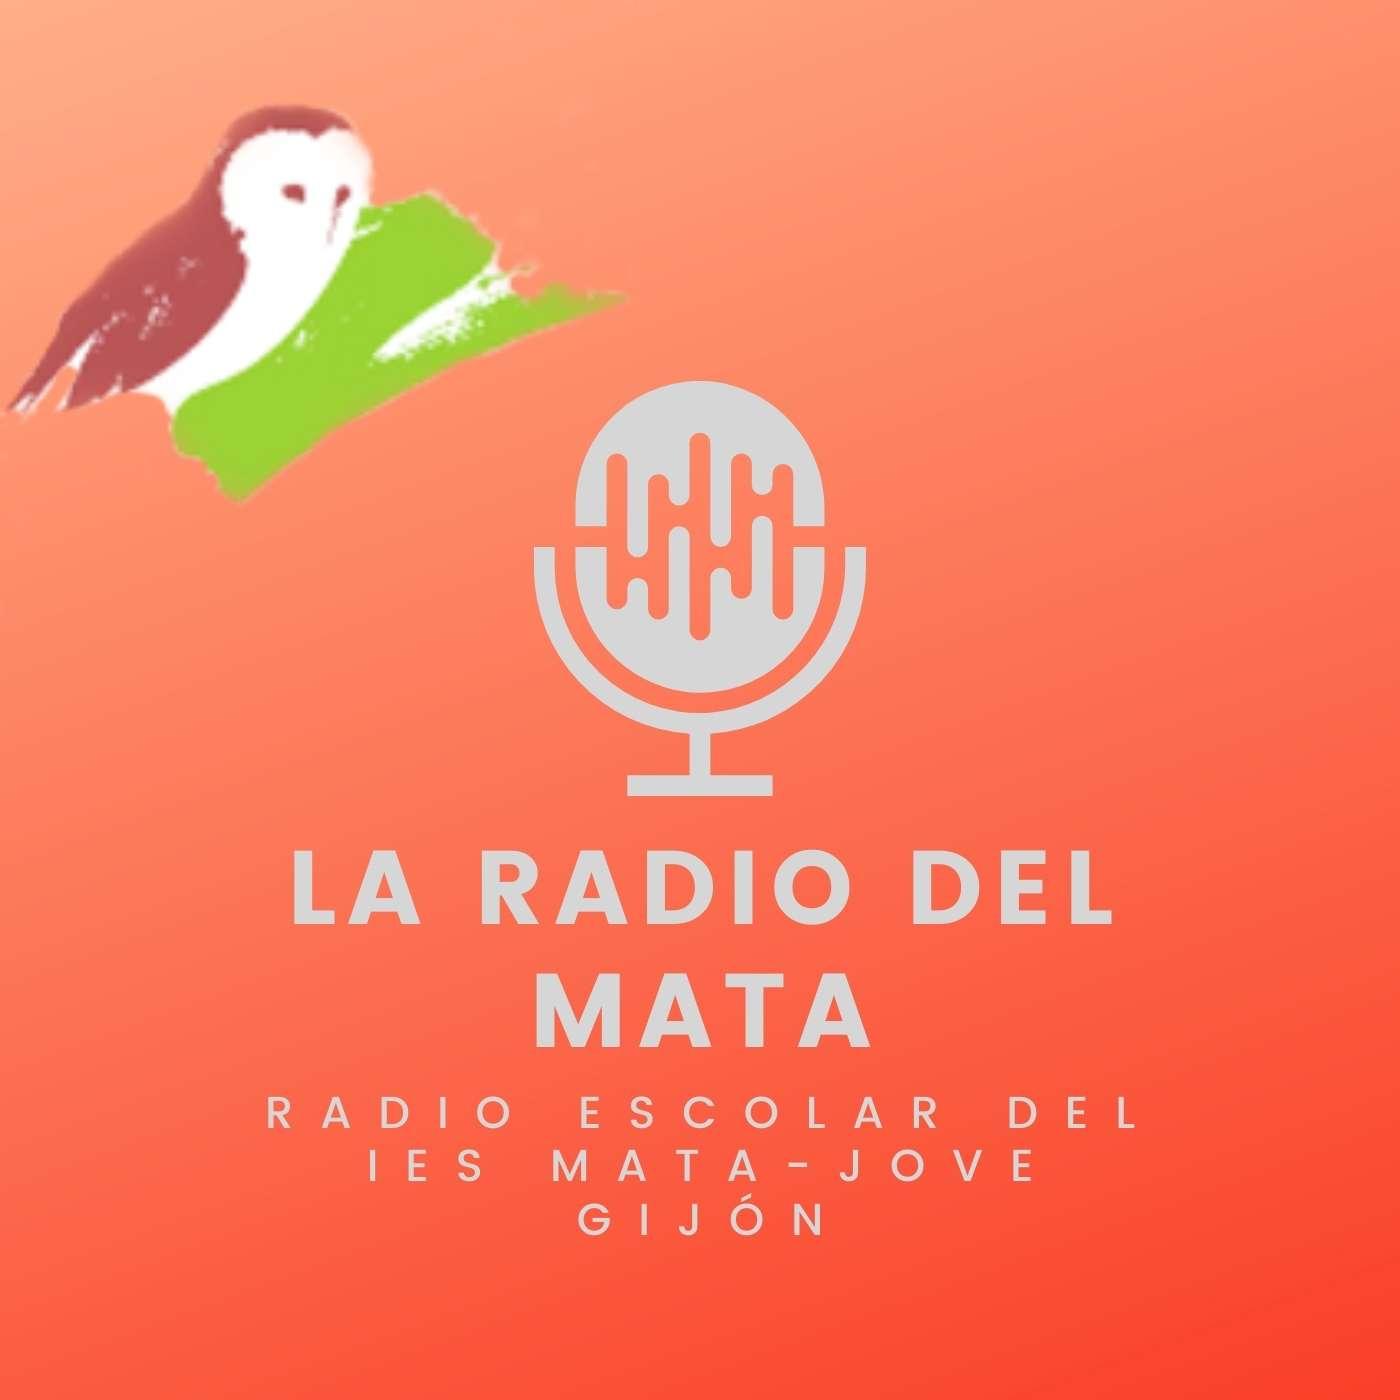 La Radio del Mata